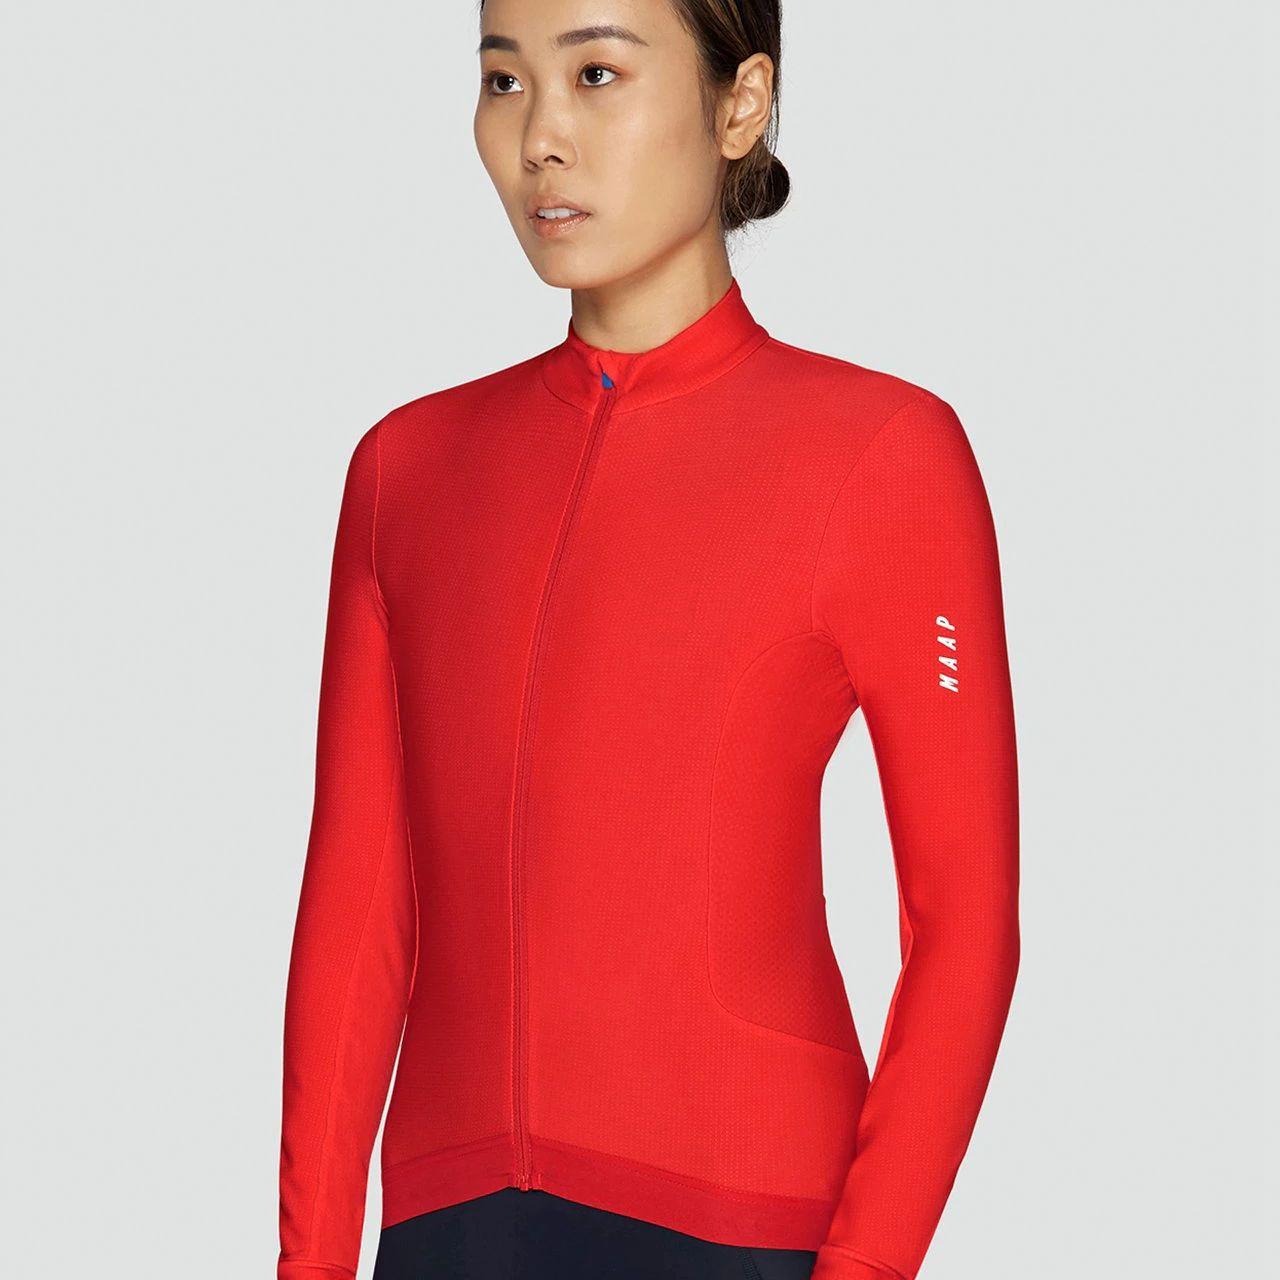 Camiseta de manga larga para ciclismo de montaña para mujer, Maillot de manga larga